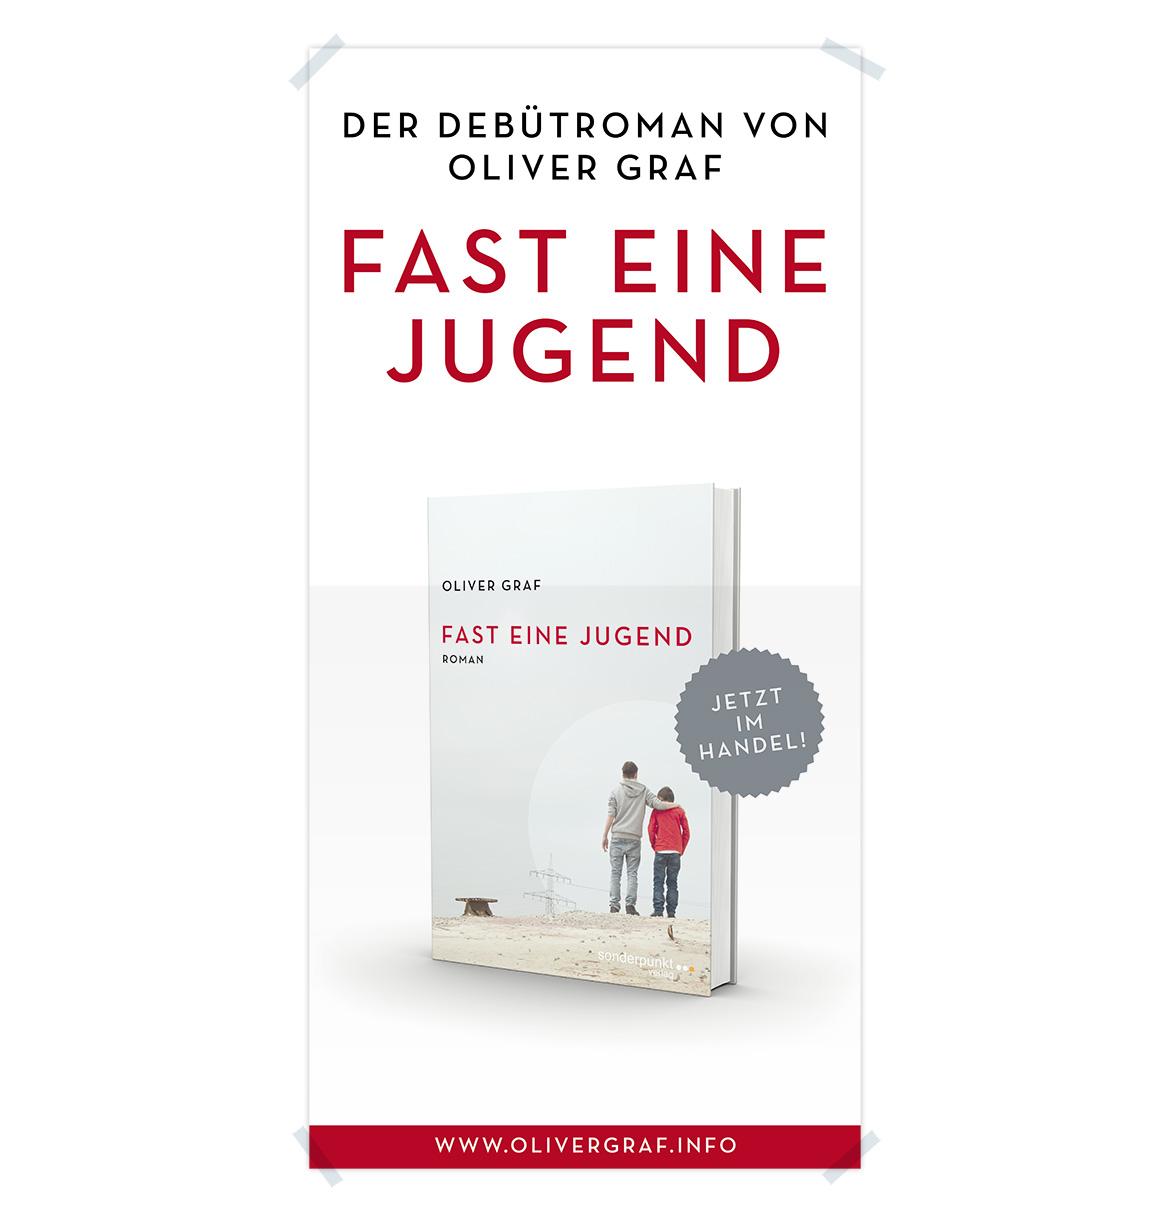 FasteineJugend_Poster